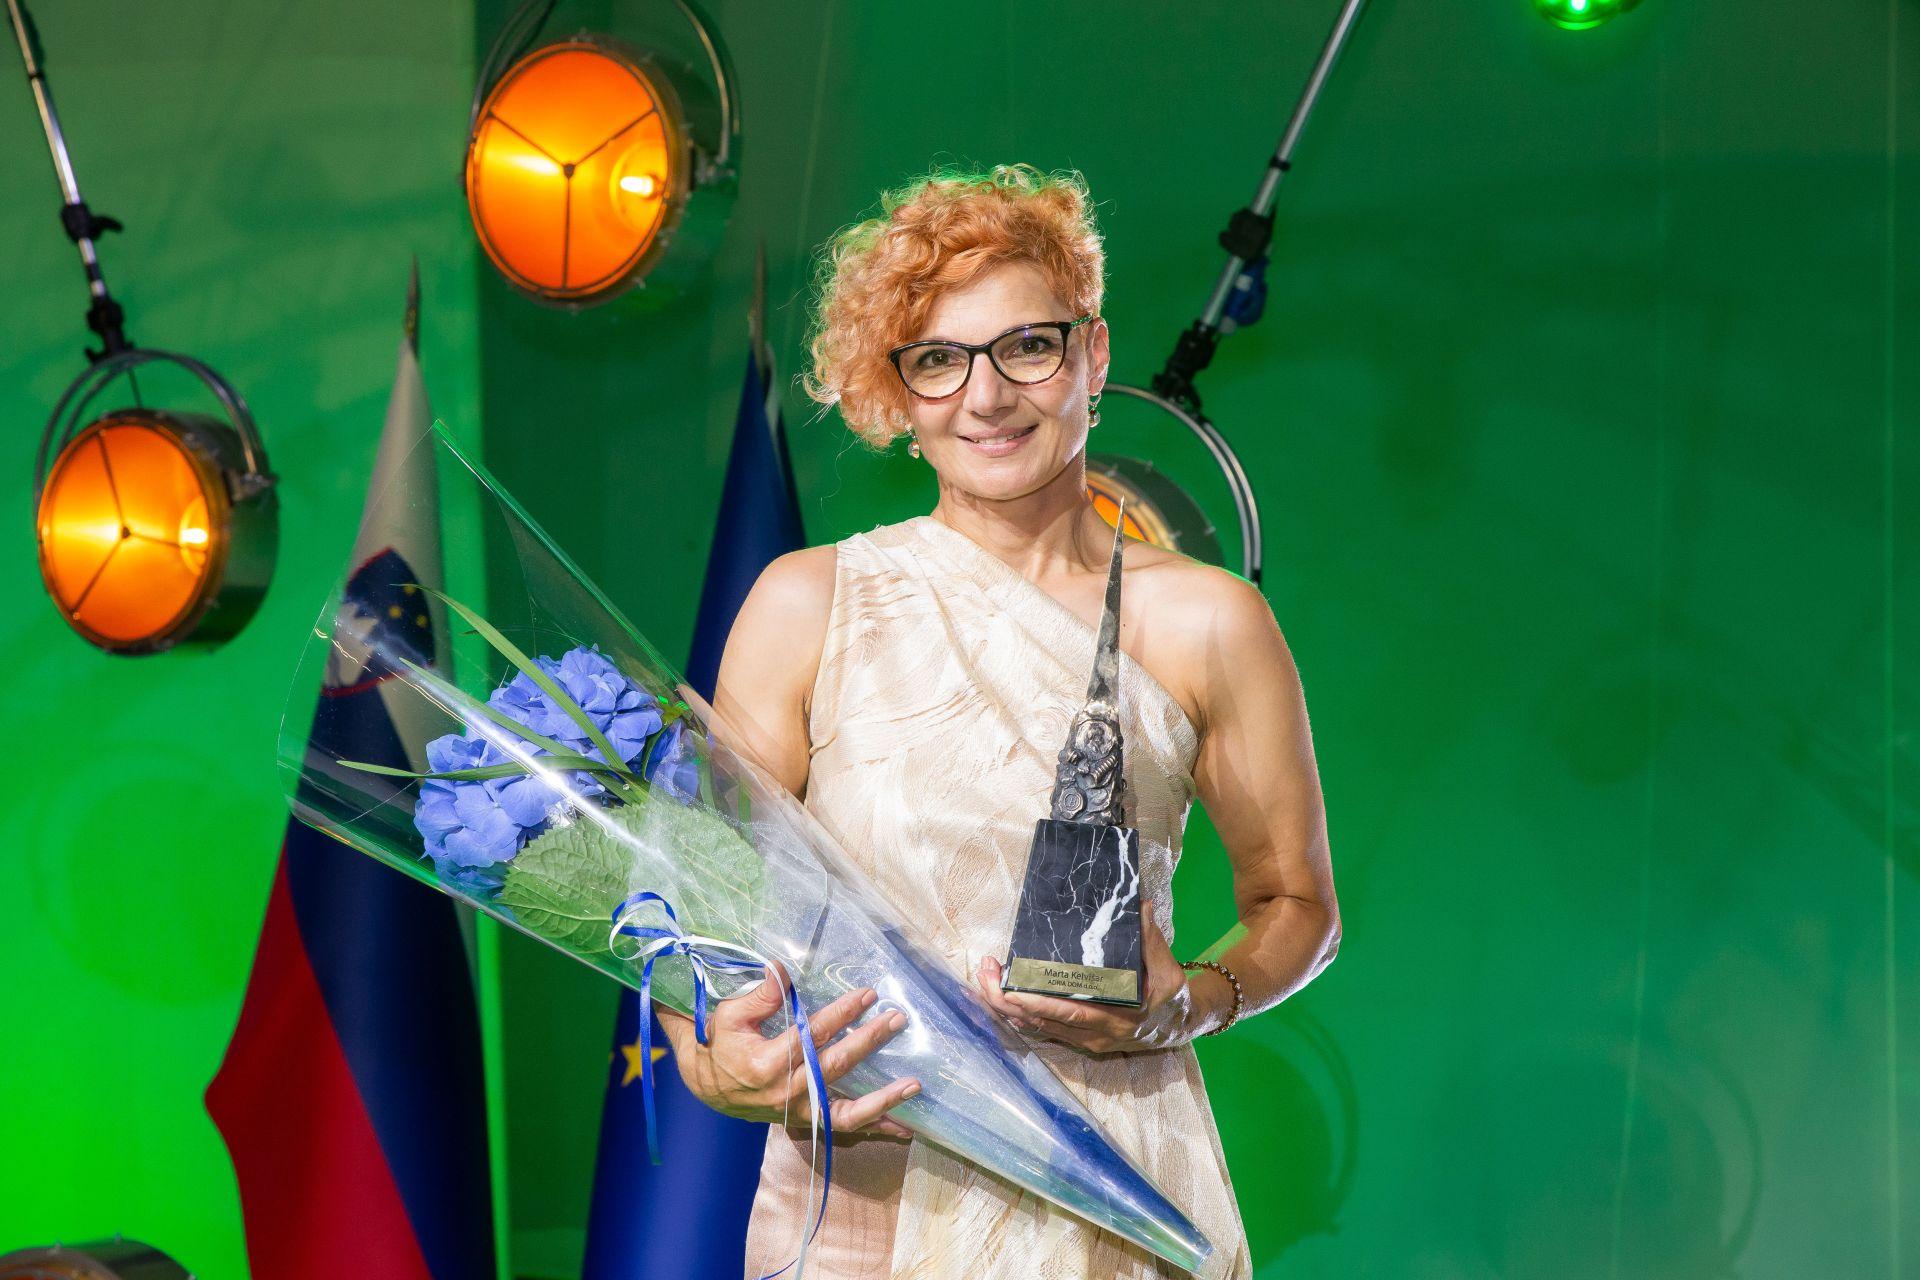 Adria_Home_GZS awards 2021_084